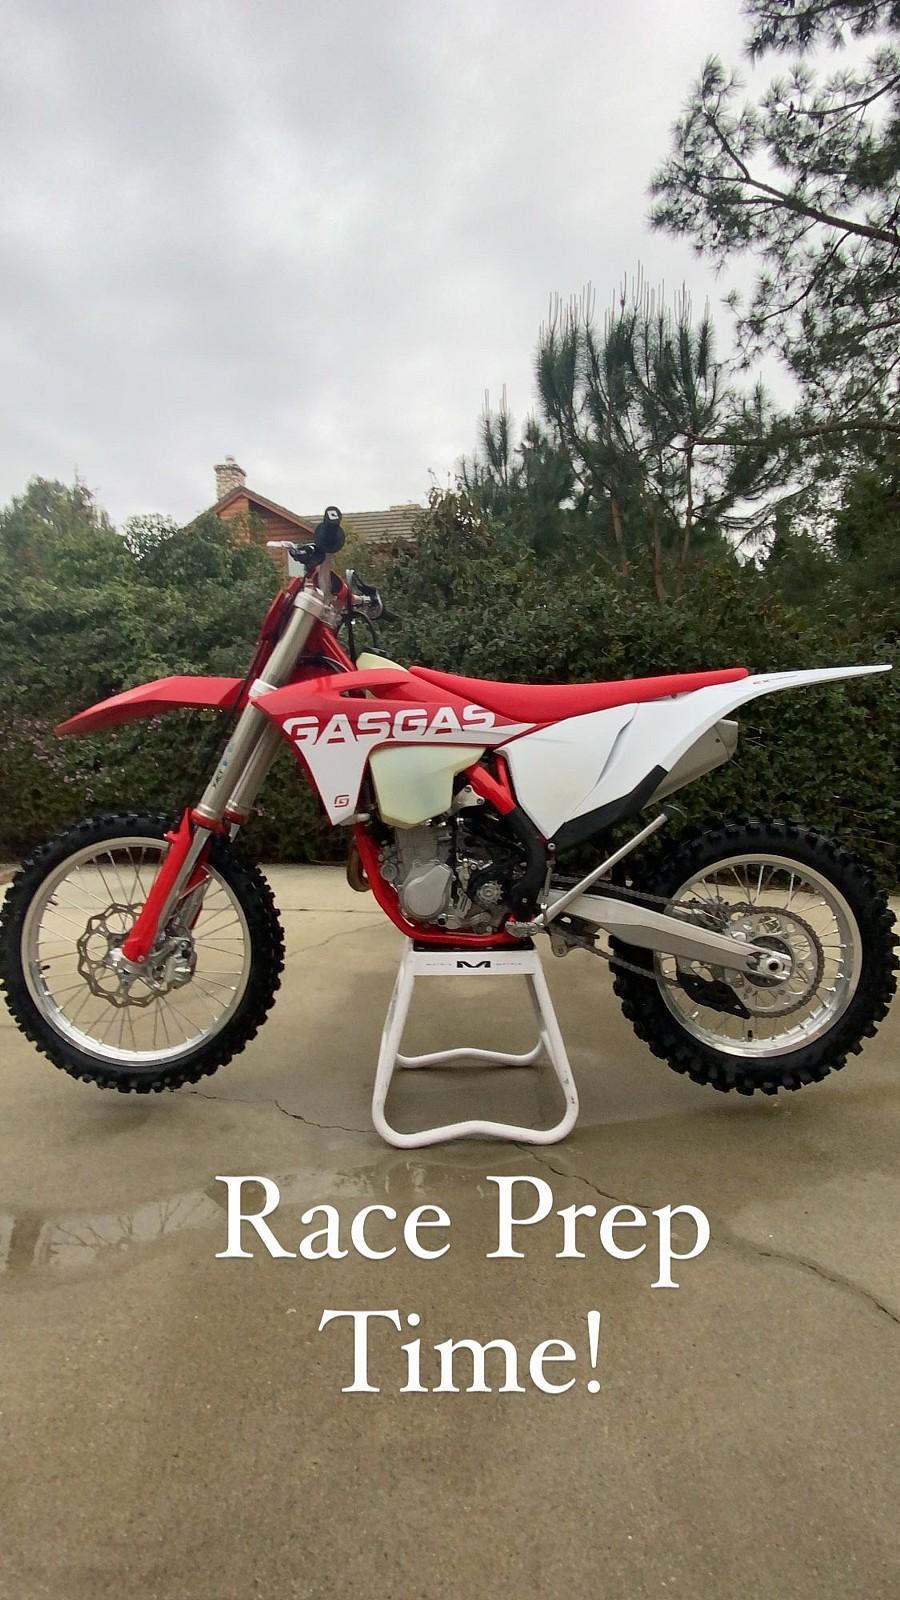 F1161100-EE77-4D6C-84FC-A8E6F1E5B9F2 - prida28 - Motocross Pictures - Vital MX